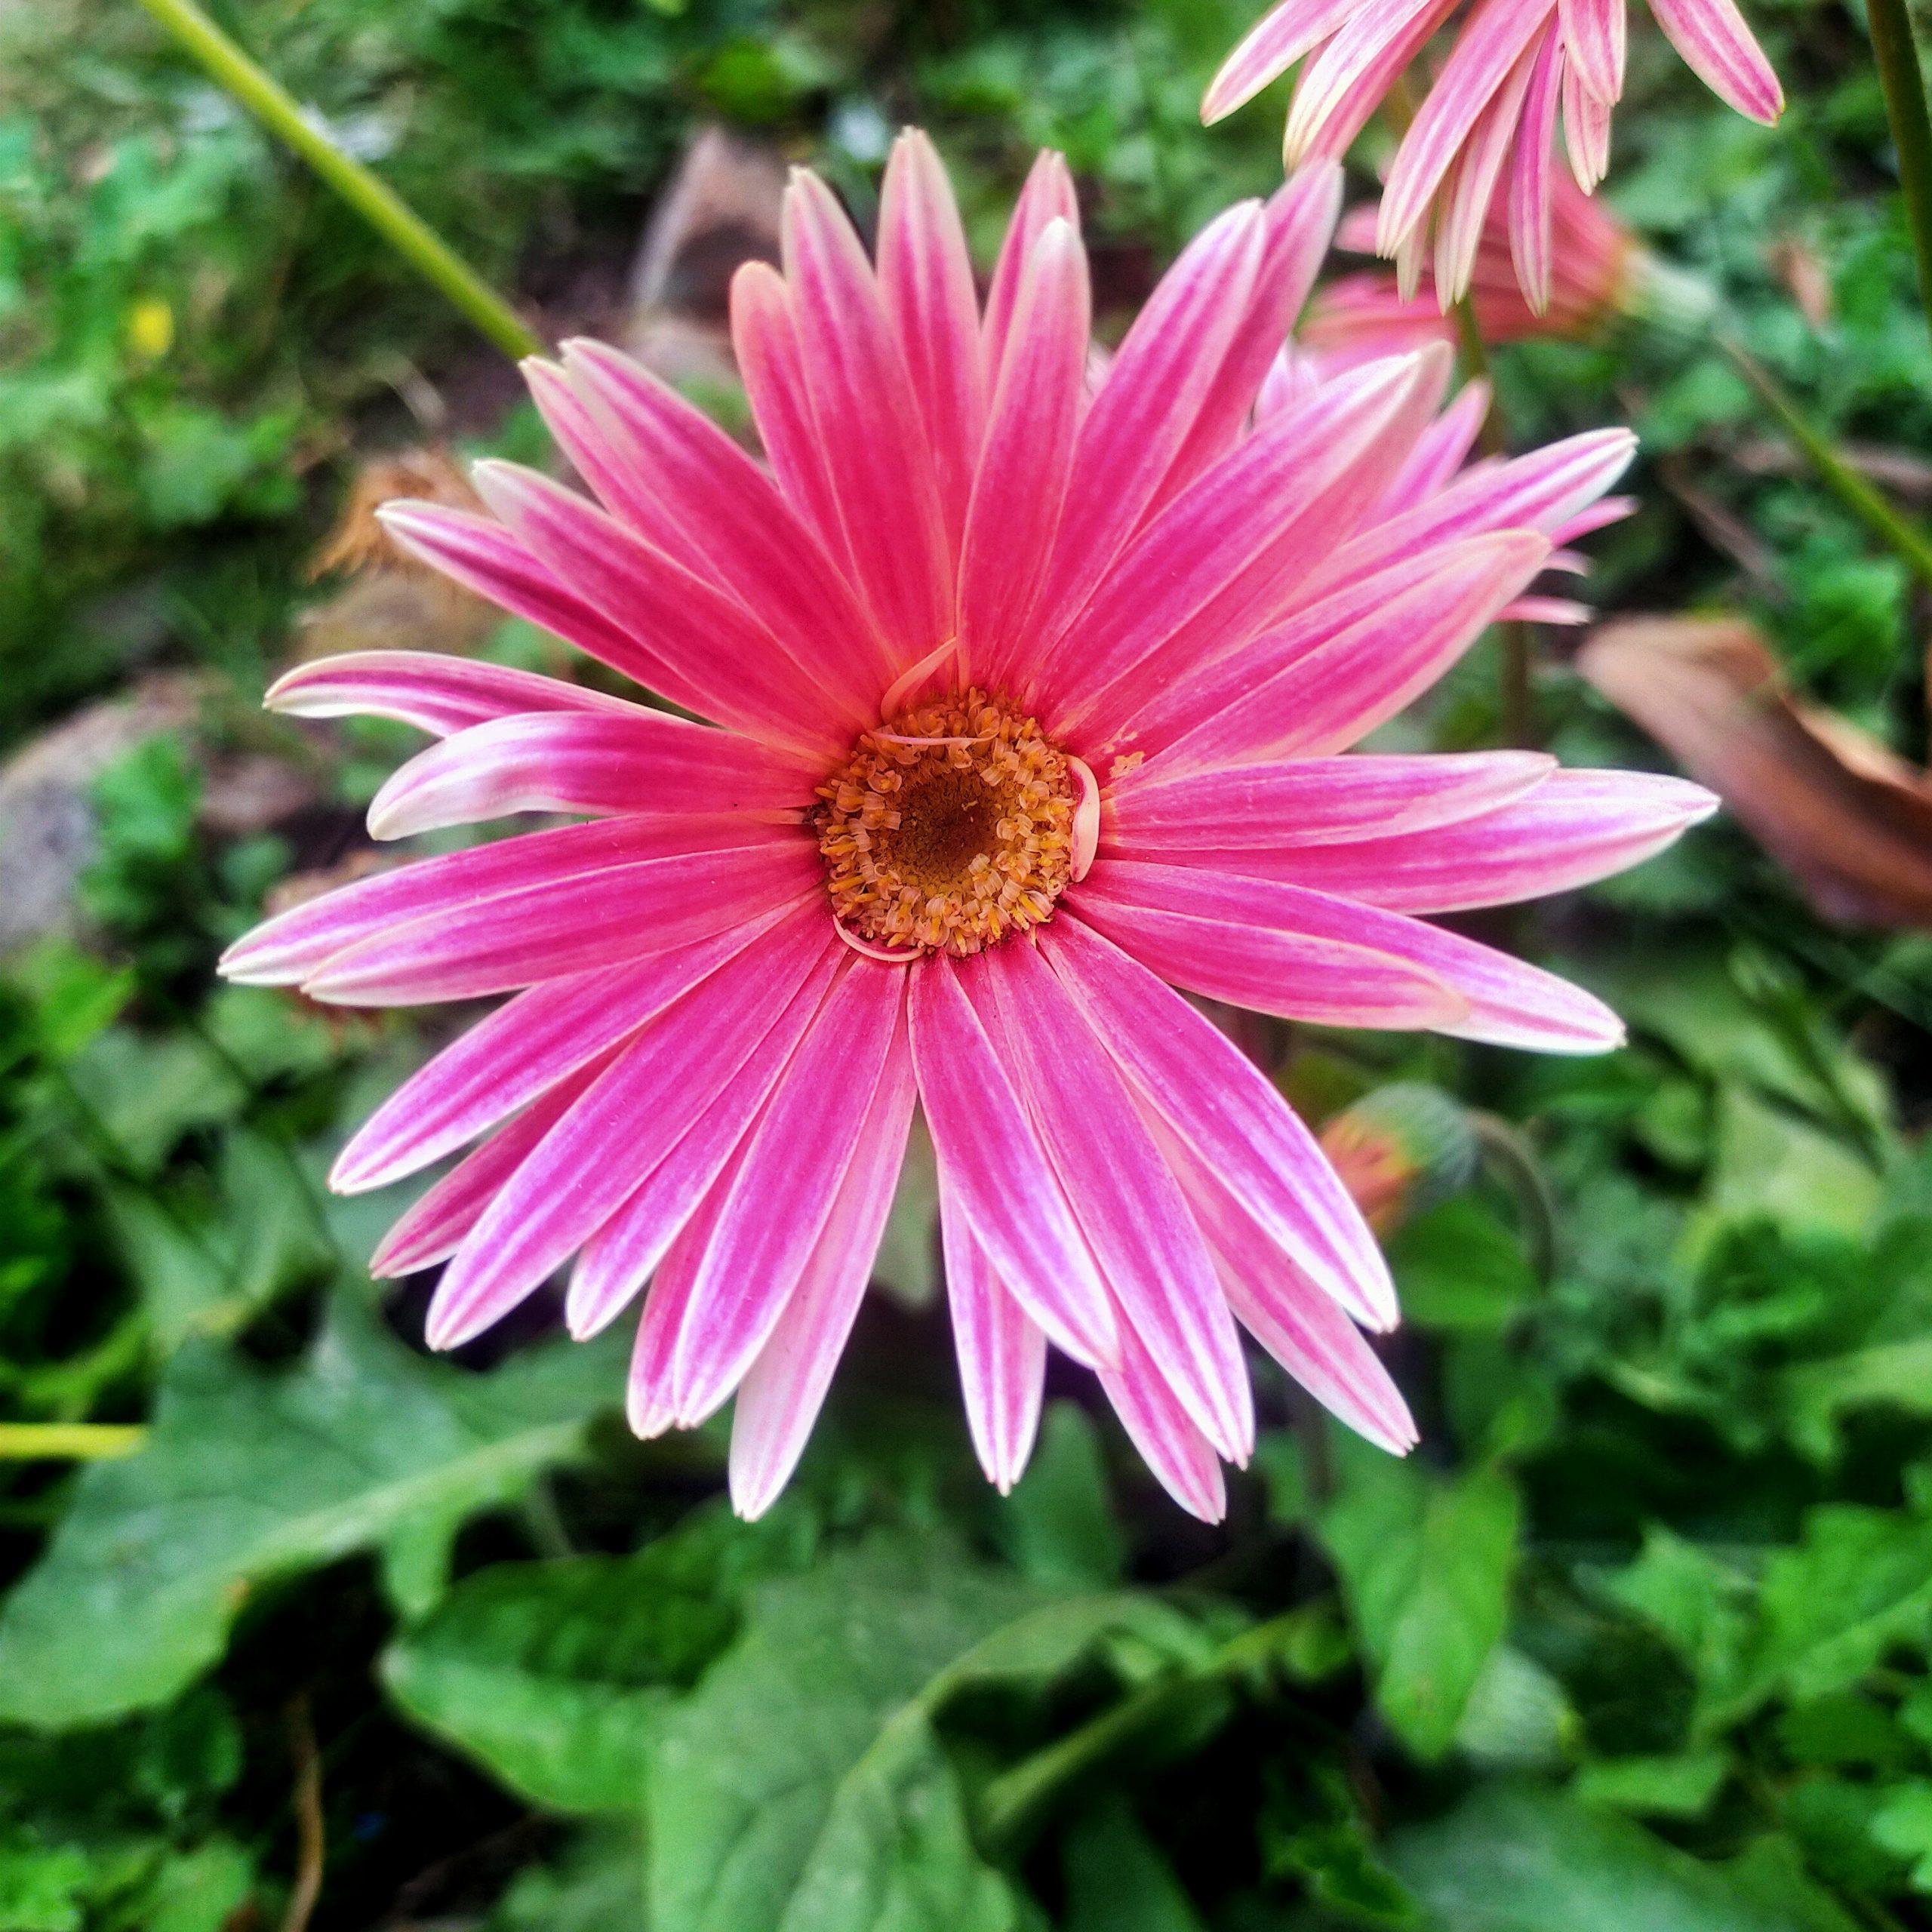 A pink daisy flower